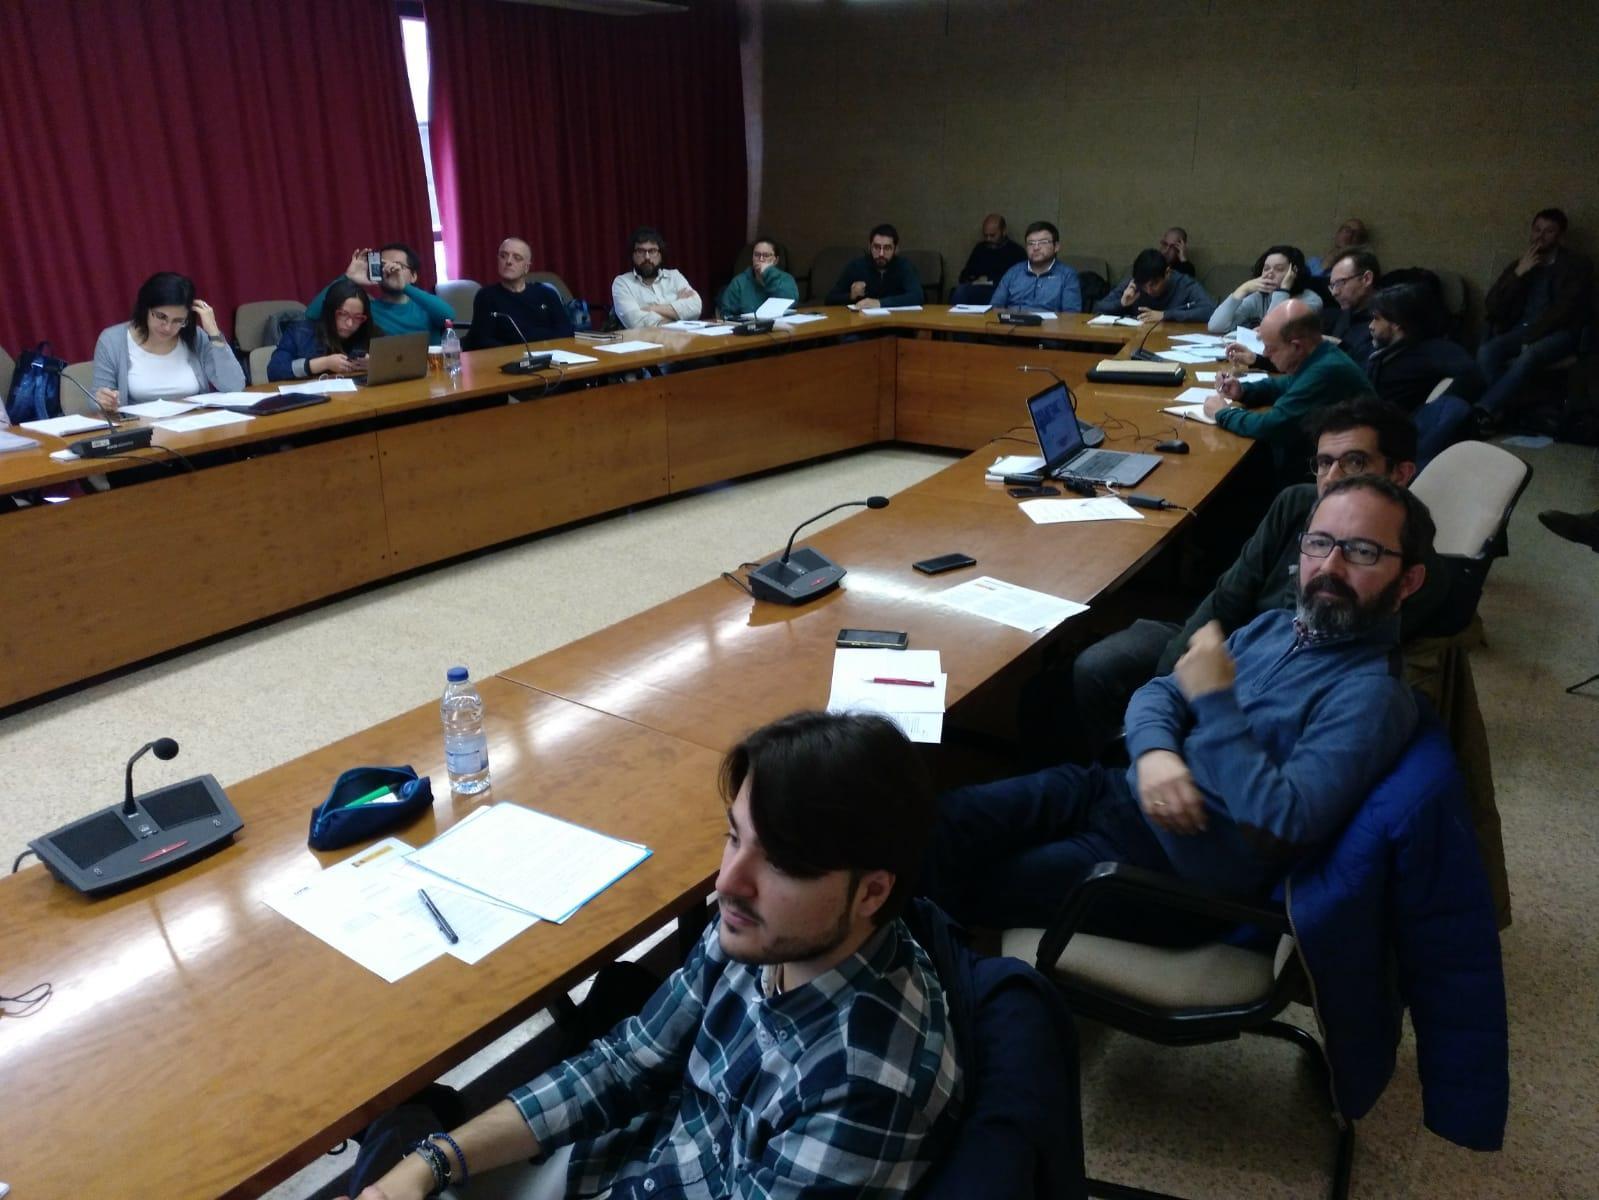 Asistentes en la Sala de Juntas de la Facultad de Filosofía y Letras de la UAB